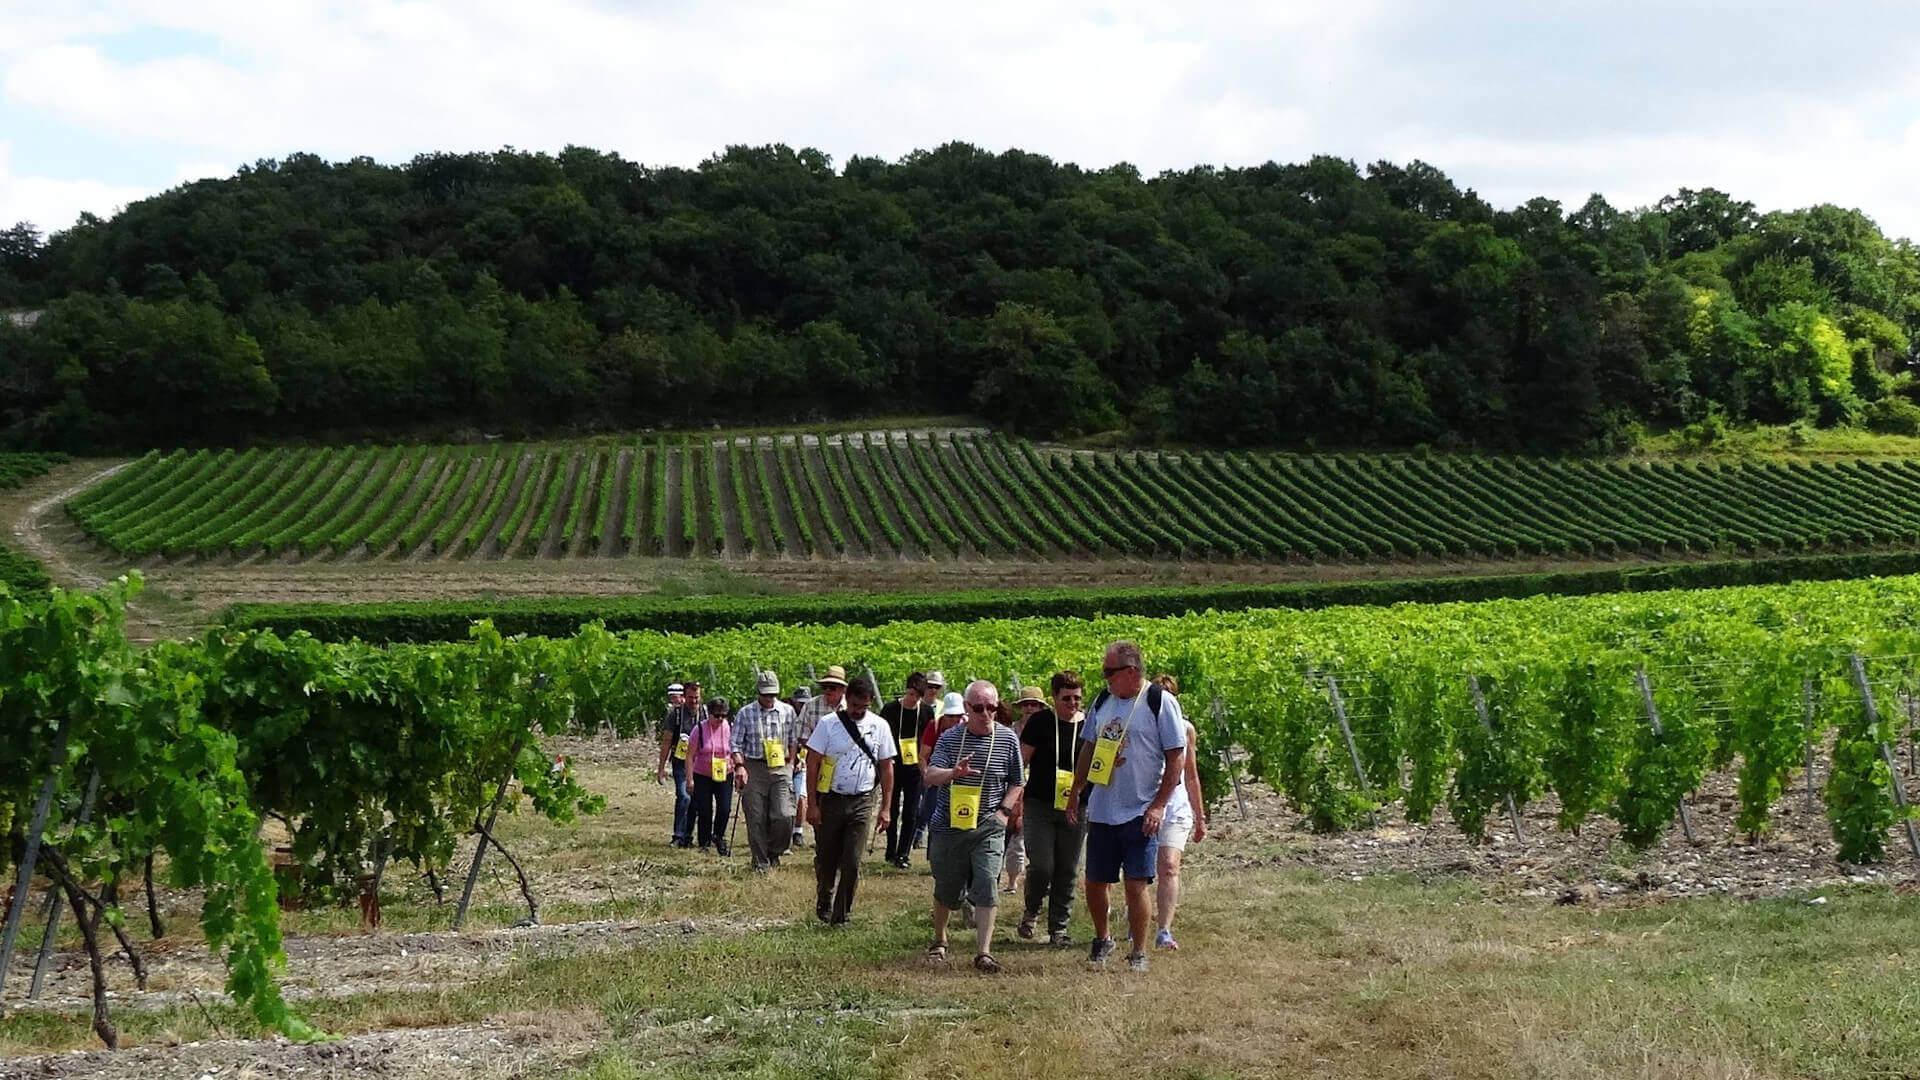 Balade gourmande en Grande Champagne, randonnée pour gastronomes